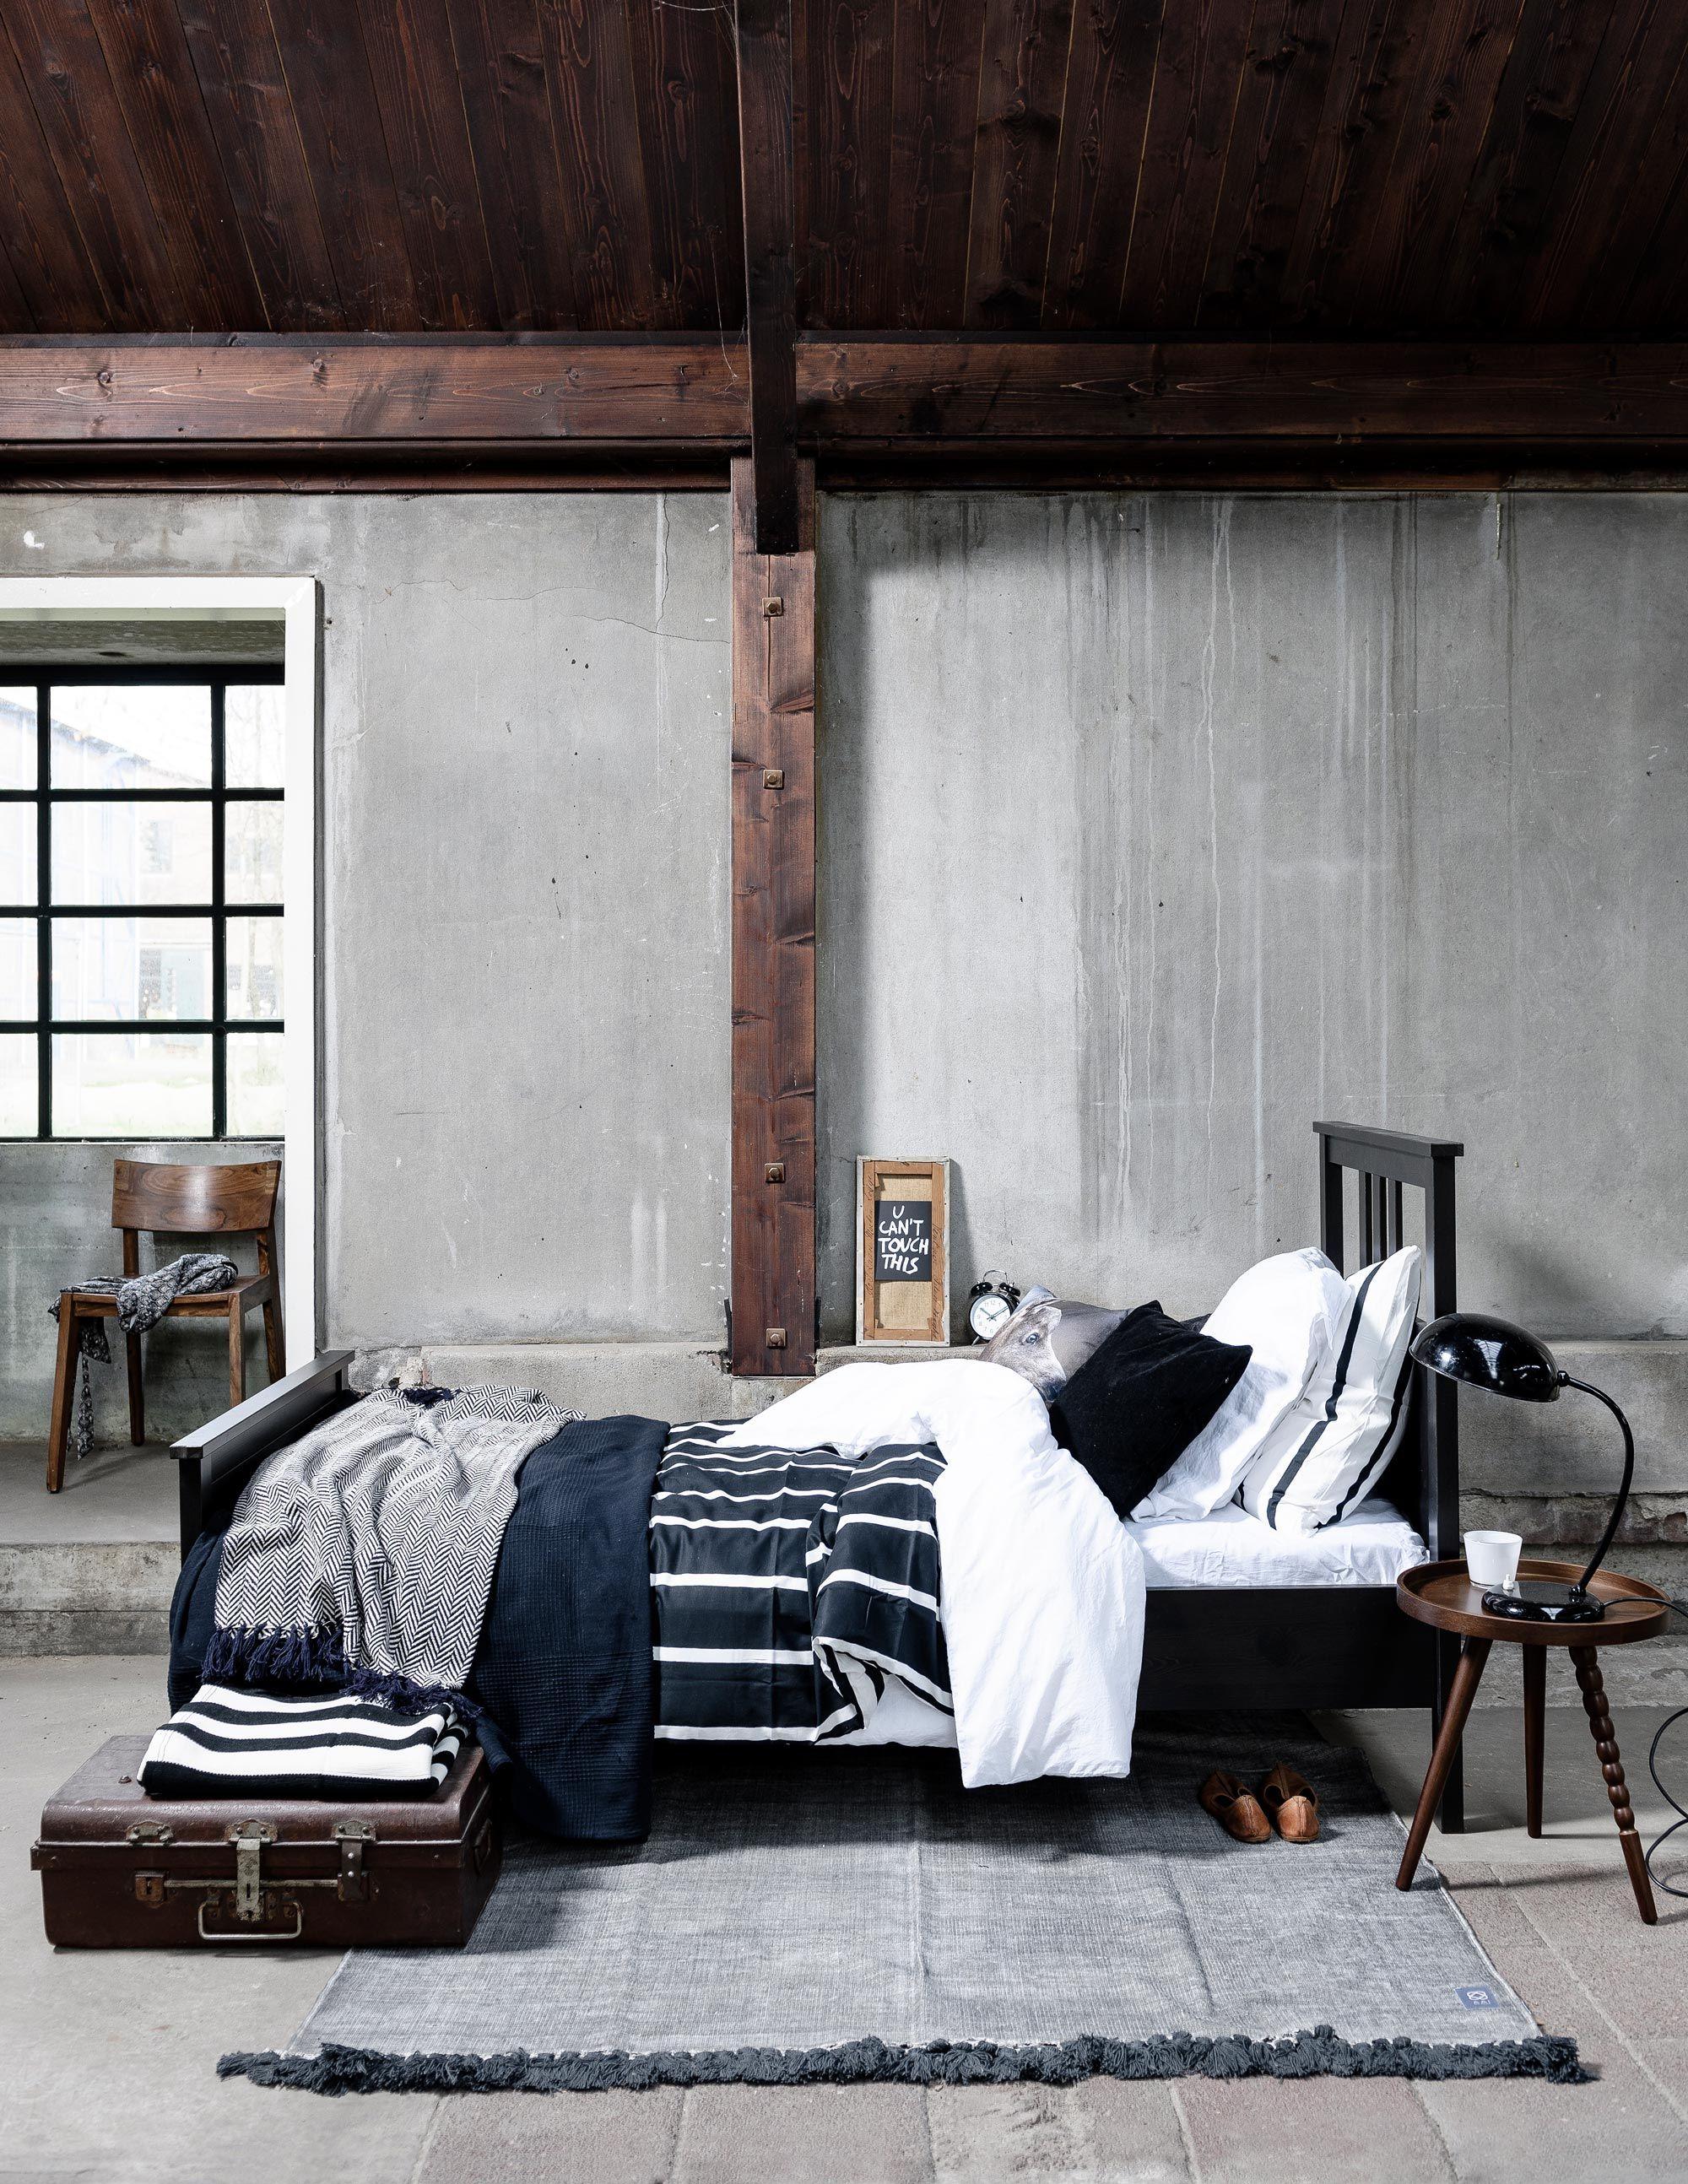 industrile slaapkamer met beton industrial bedroom with concrete fotograaf sjoerd eickmans styling moniek - Concrete Bedroom 2016